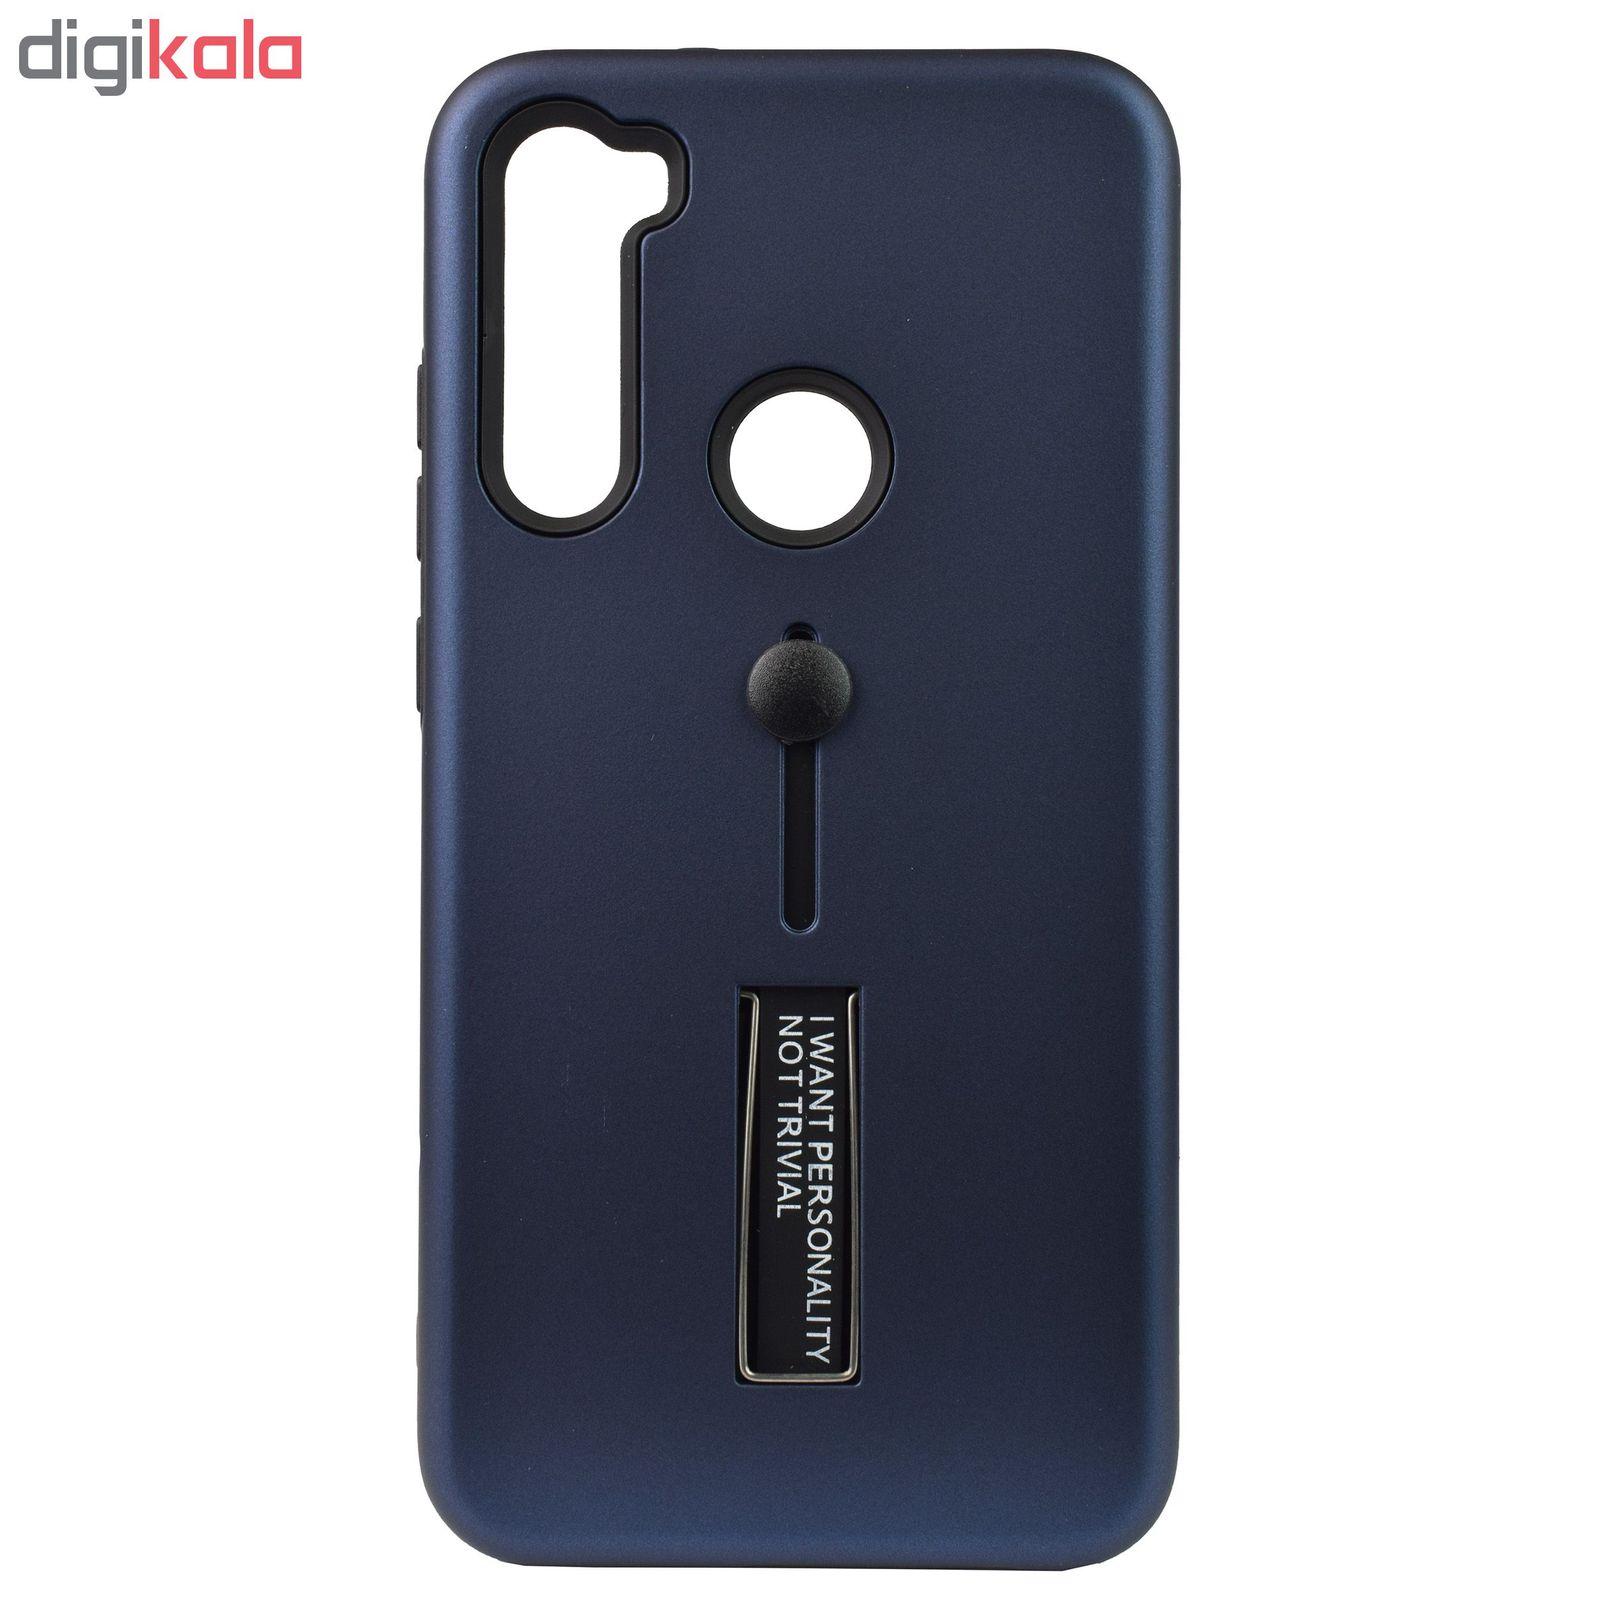 کاور مدل FAS20 مناسب برای گوشی موبایل شیائومی Redmi Note 8 main 1 5